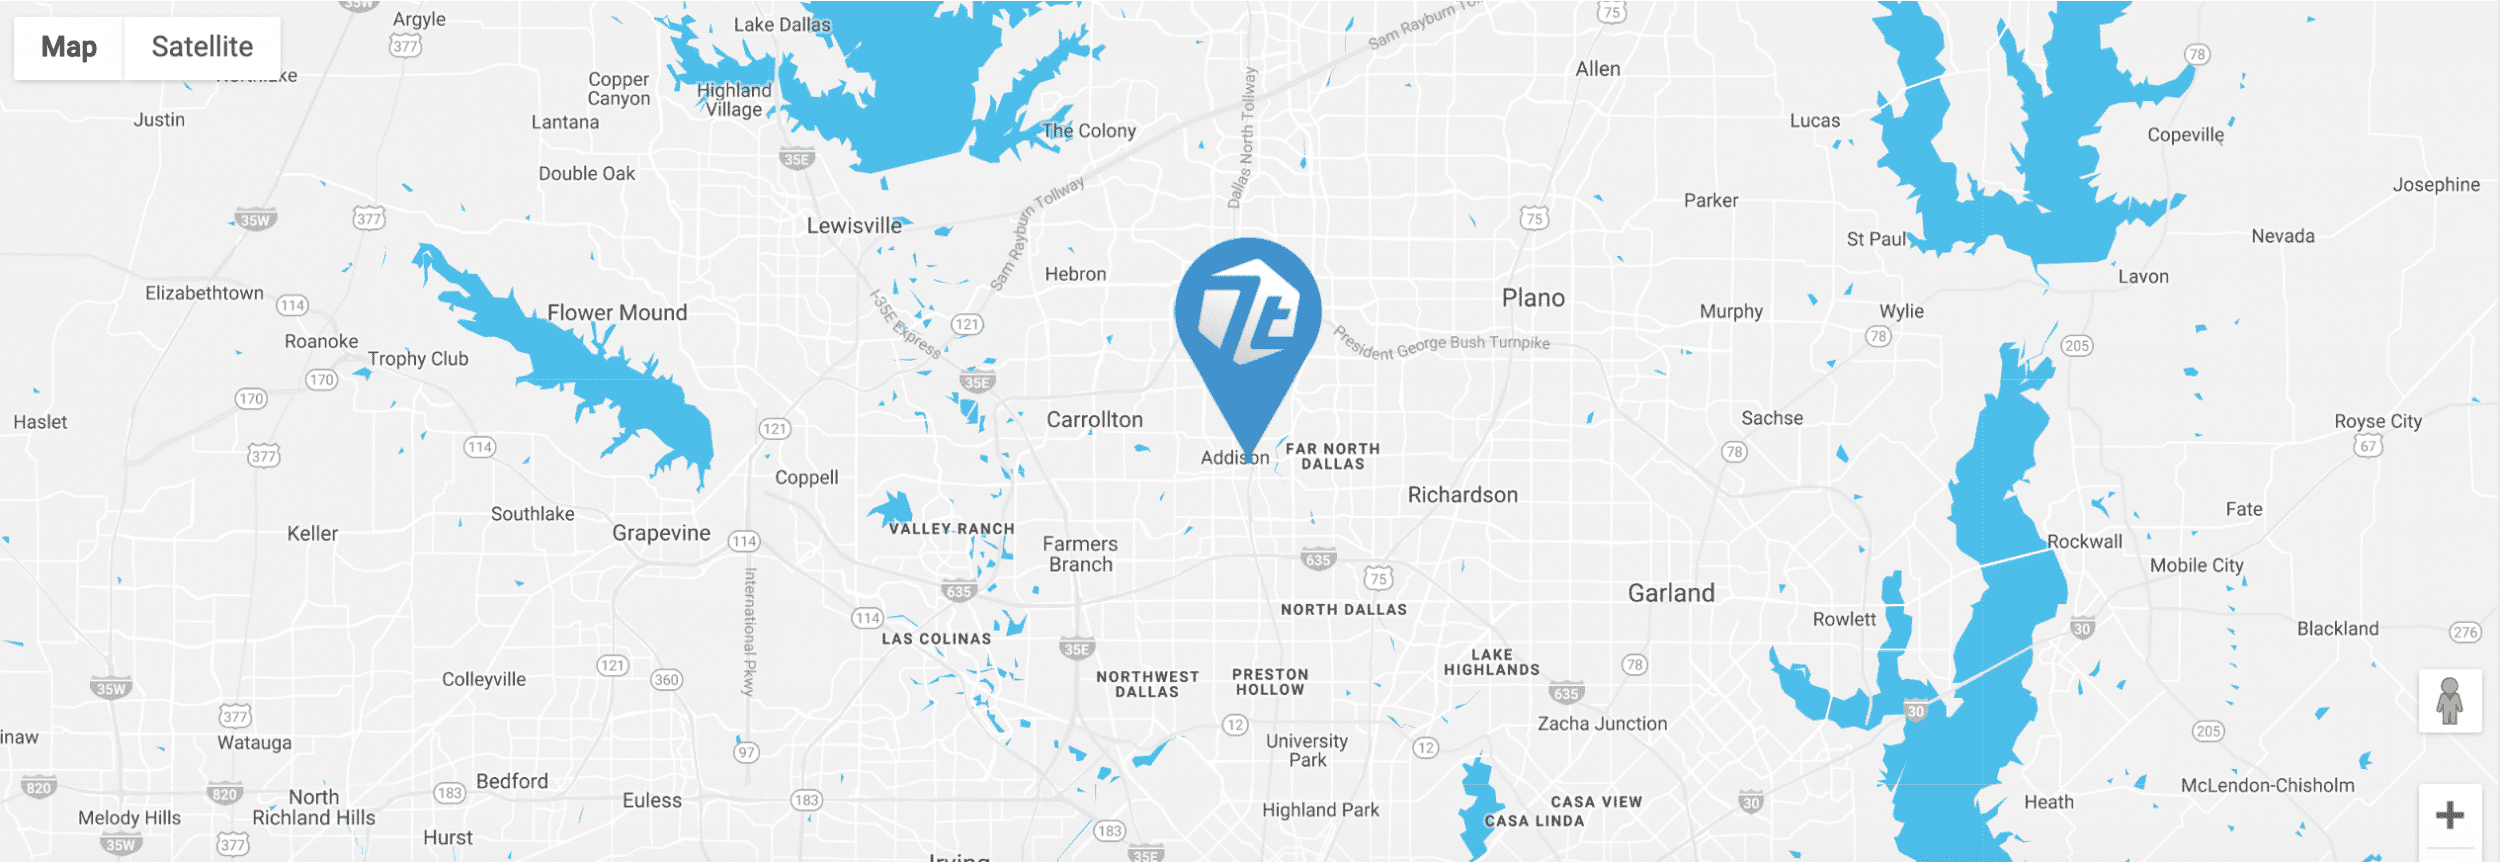 Learn More About Dallas Mobile App Development Company 7T